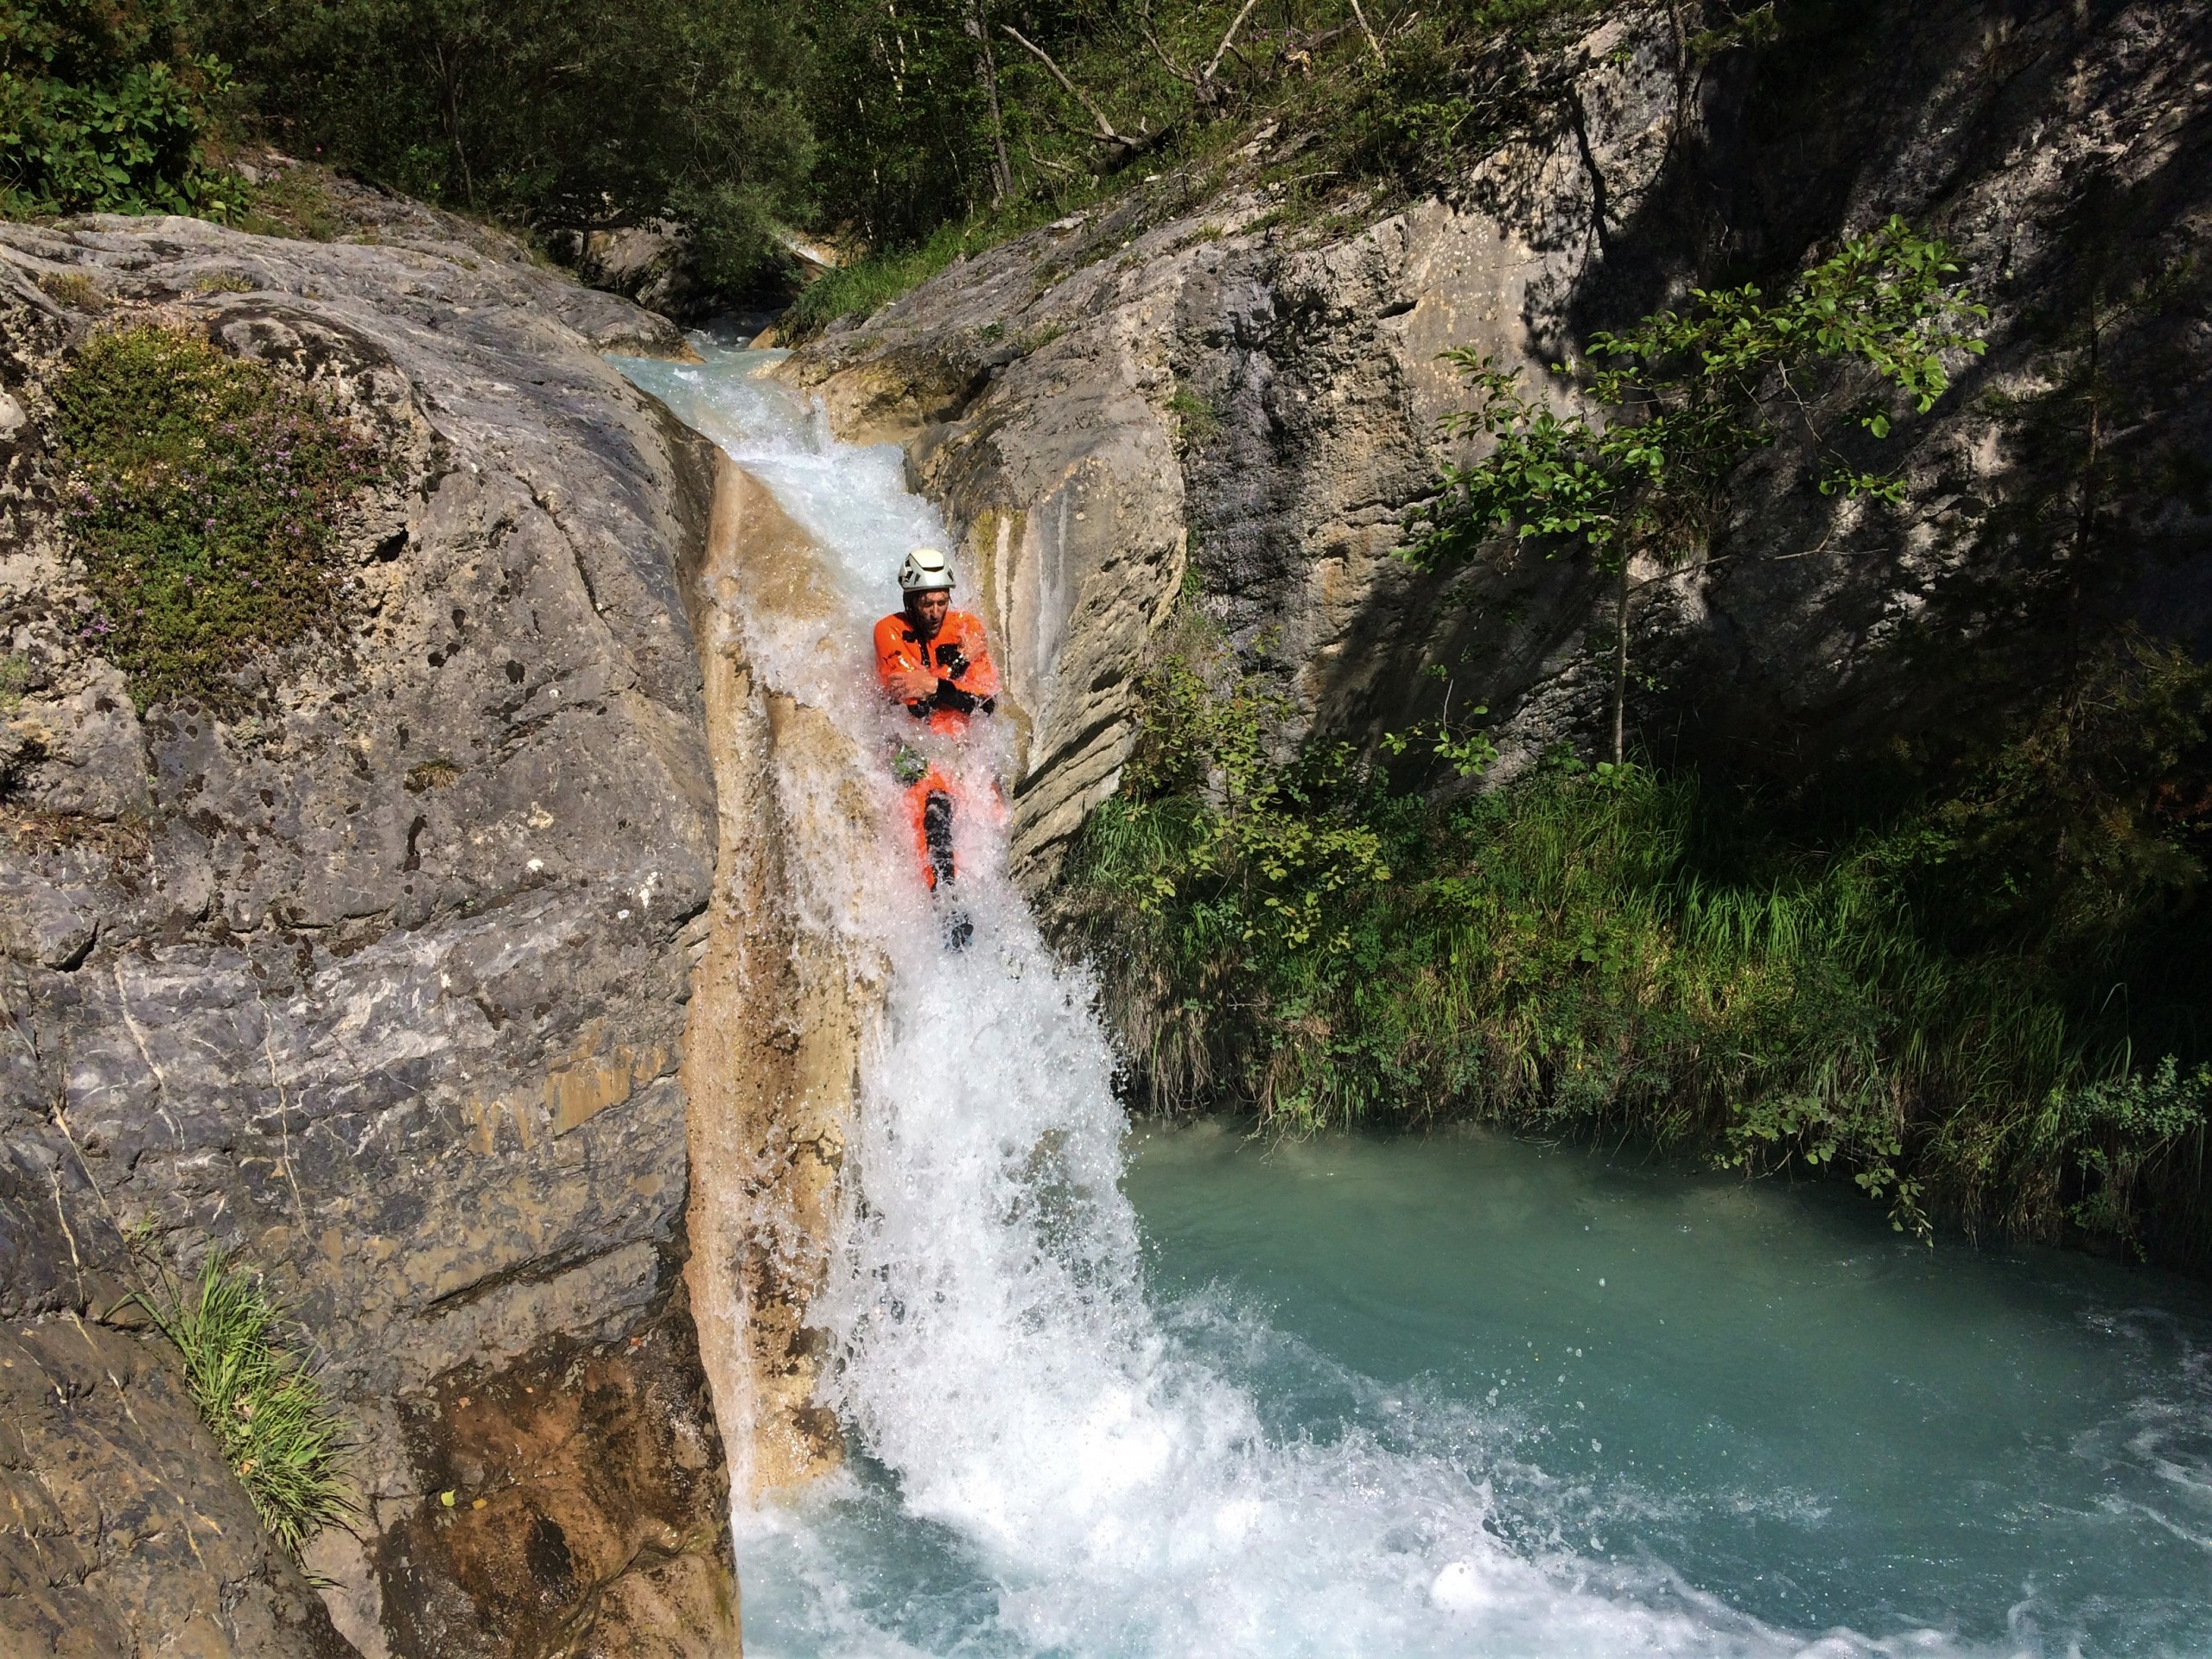 Tobbogan dans le canyon de lablache vertical et ludique